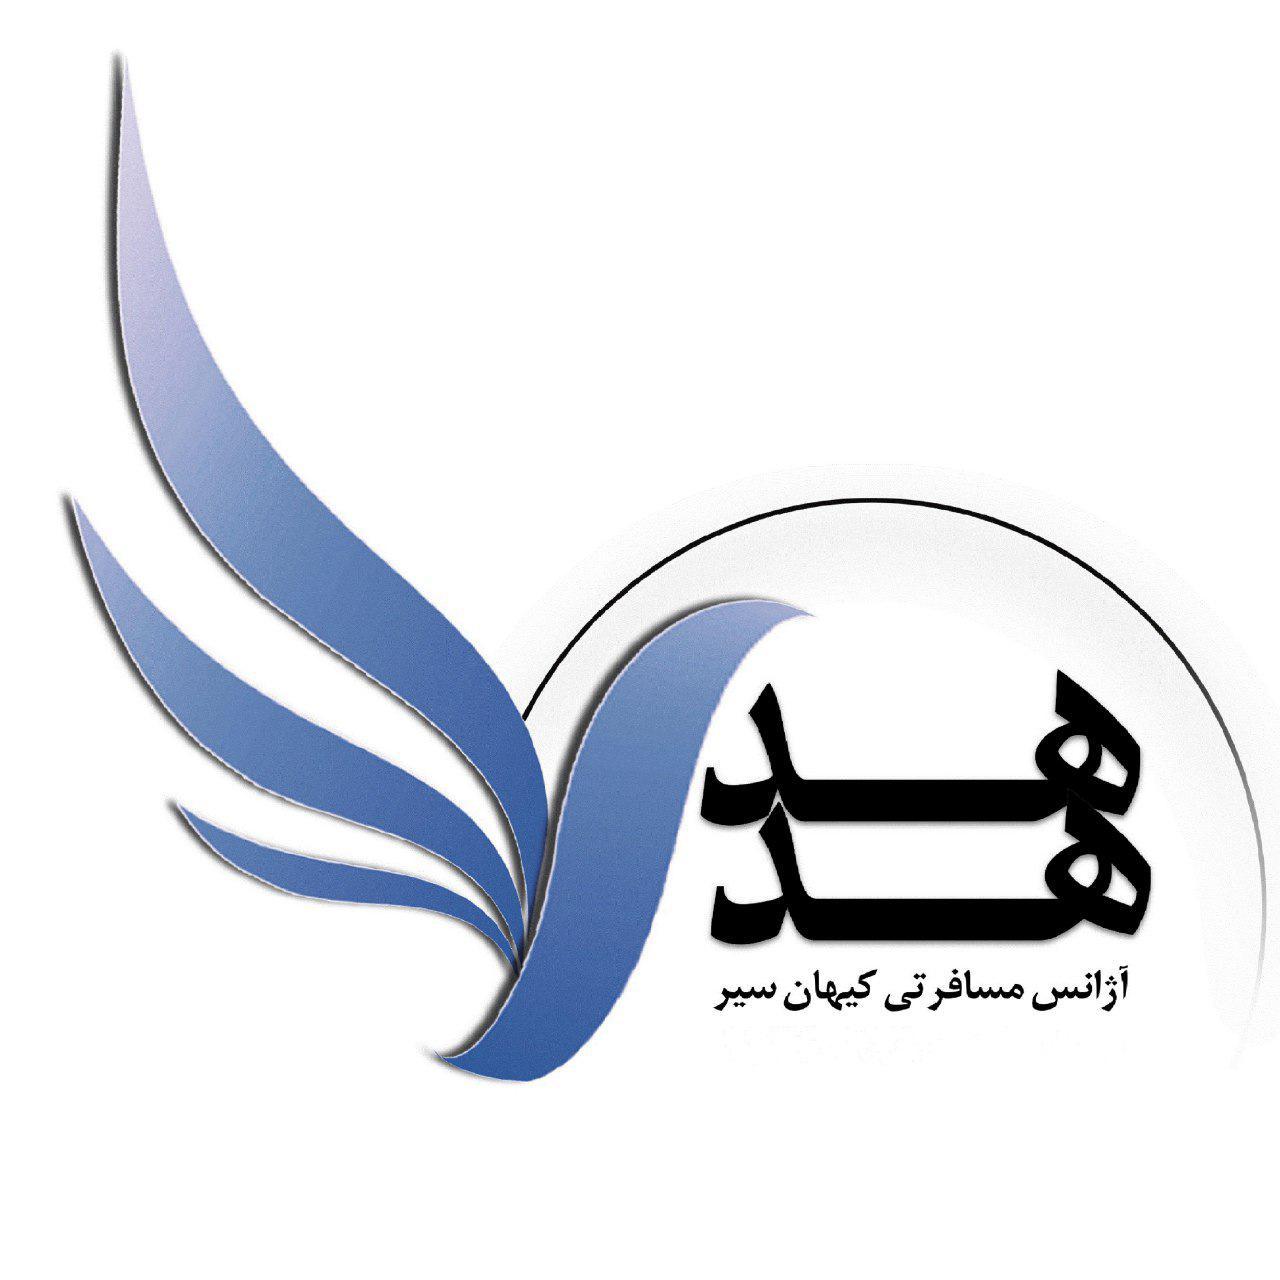 شرکت خدمات مسافرت هوایی کیهان سیر هدهد